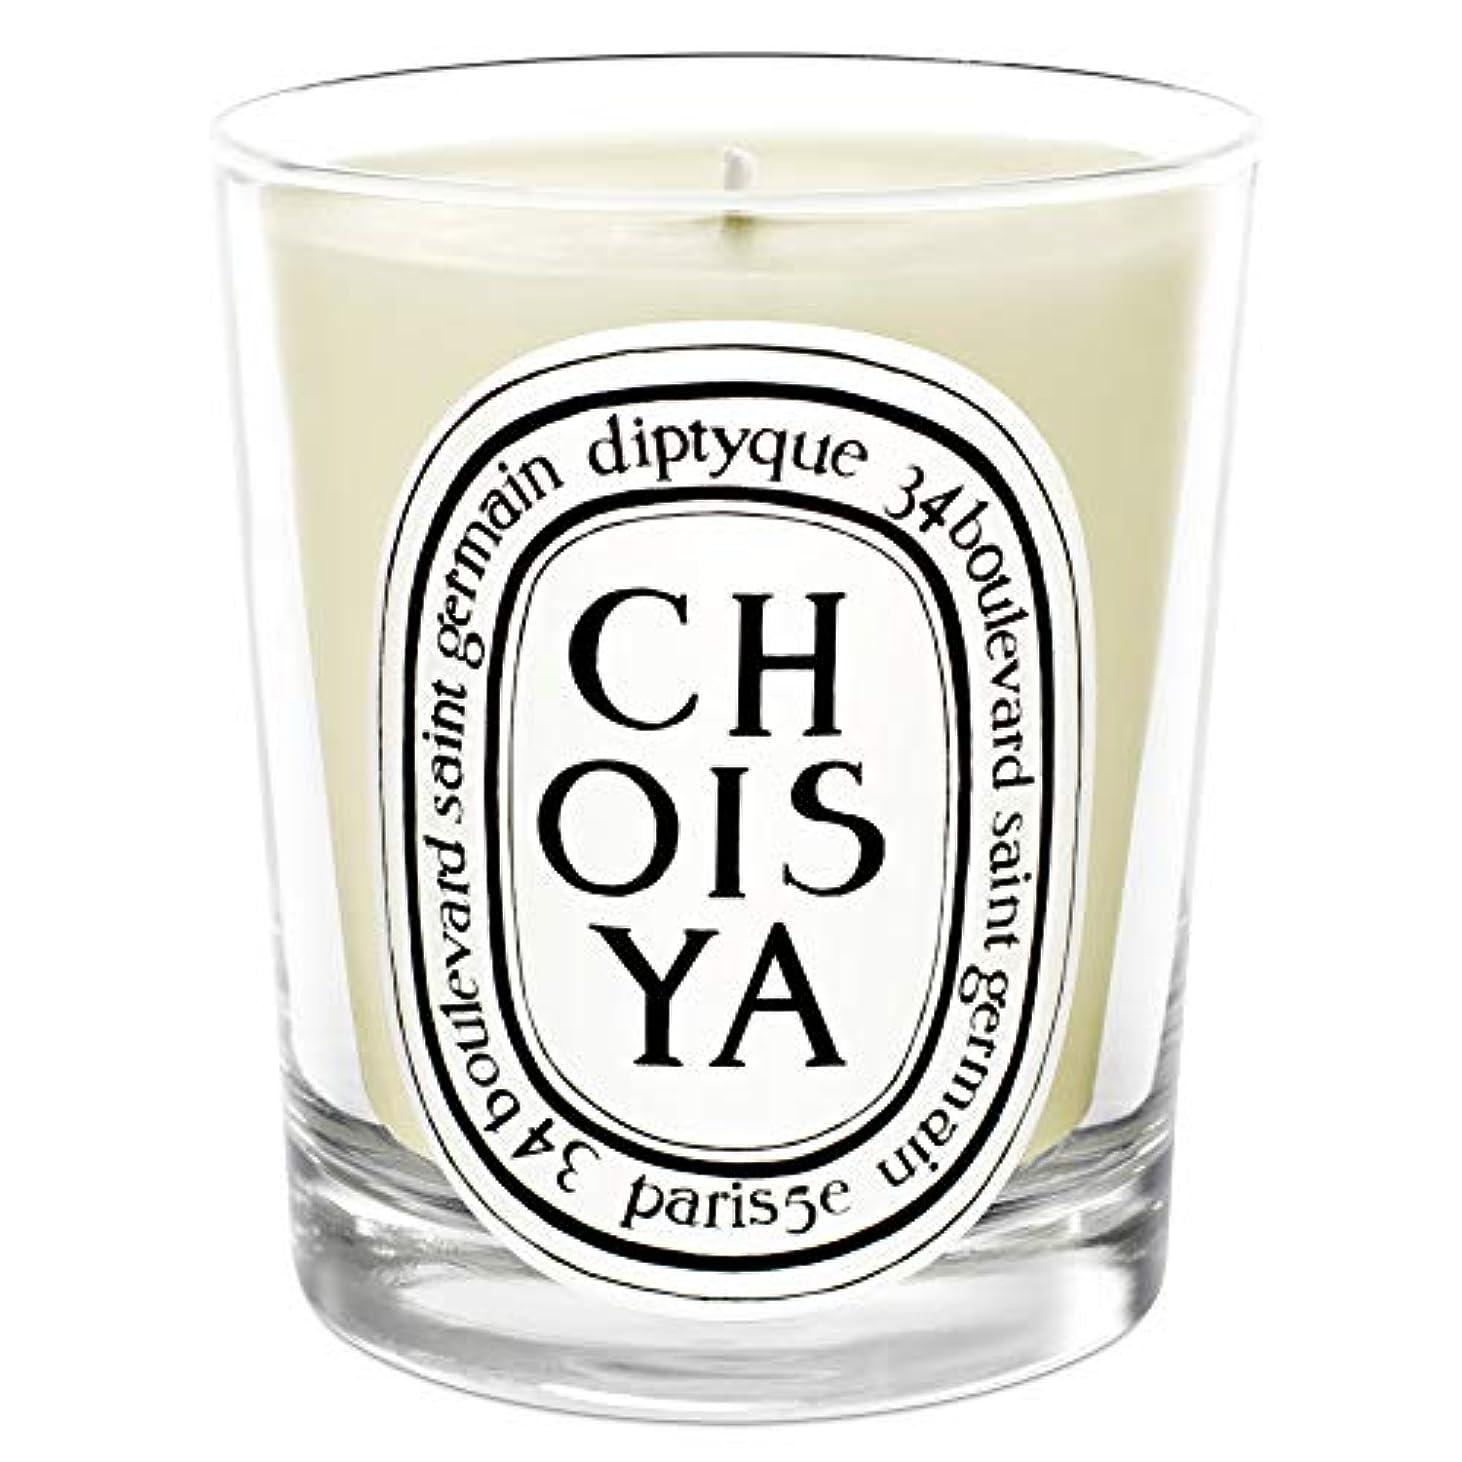 引き出す解明クスクス[Diptyque] Diptyque Choisya香りのキャンドル190グラム - Diptyque Choisya Scented Candle 190g [並行輸入品]